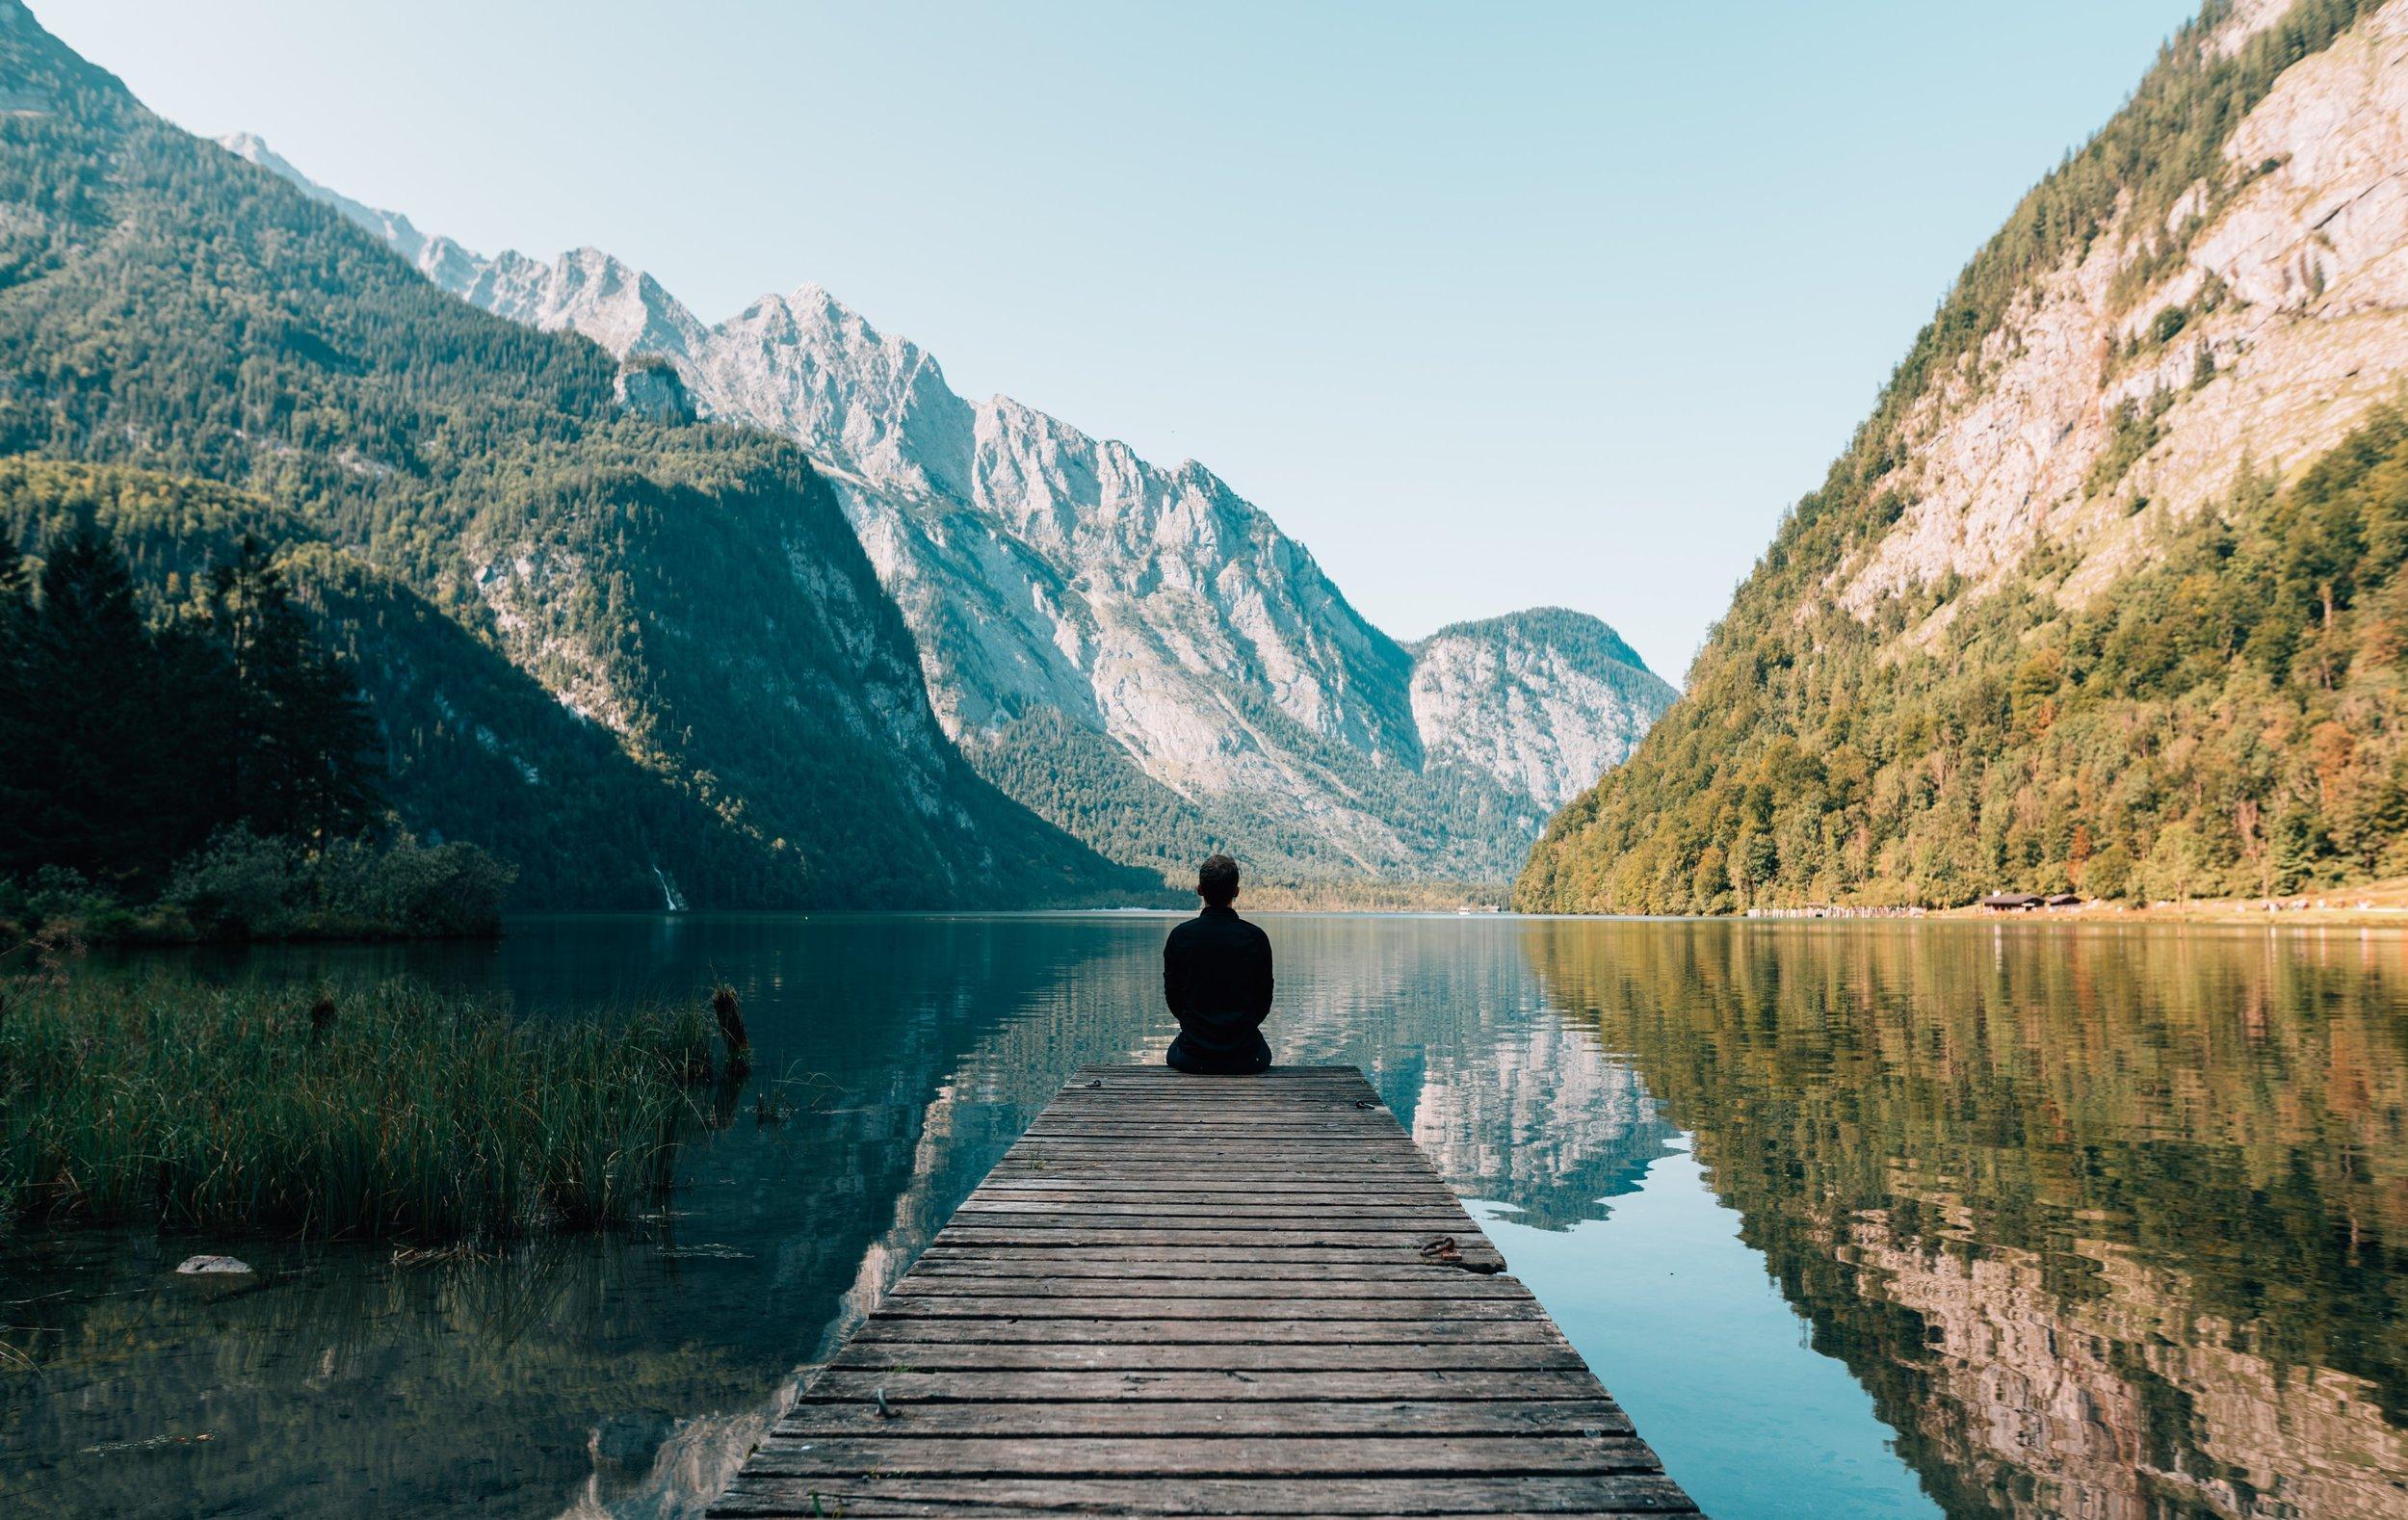 Modul 2 - Wasser - Das Element Wasser steht für unsere Gefühlswelt, unsere Emotionen. Um uns mit unseren Gefühlen zu verbinden, wollen wir in dieser Woche stiller und sanfter werden. Durch Meditation wollen wir unsere Achtsamkeit uns selbst gegenüber erhöhen und erkennen, warum unsere Gefühle so wichtig sind und warum wir sie so stark beschützen, dass wir sie manchmal gar nicht mehr spüren.